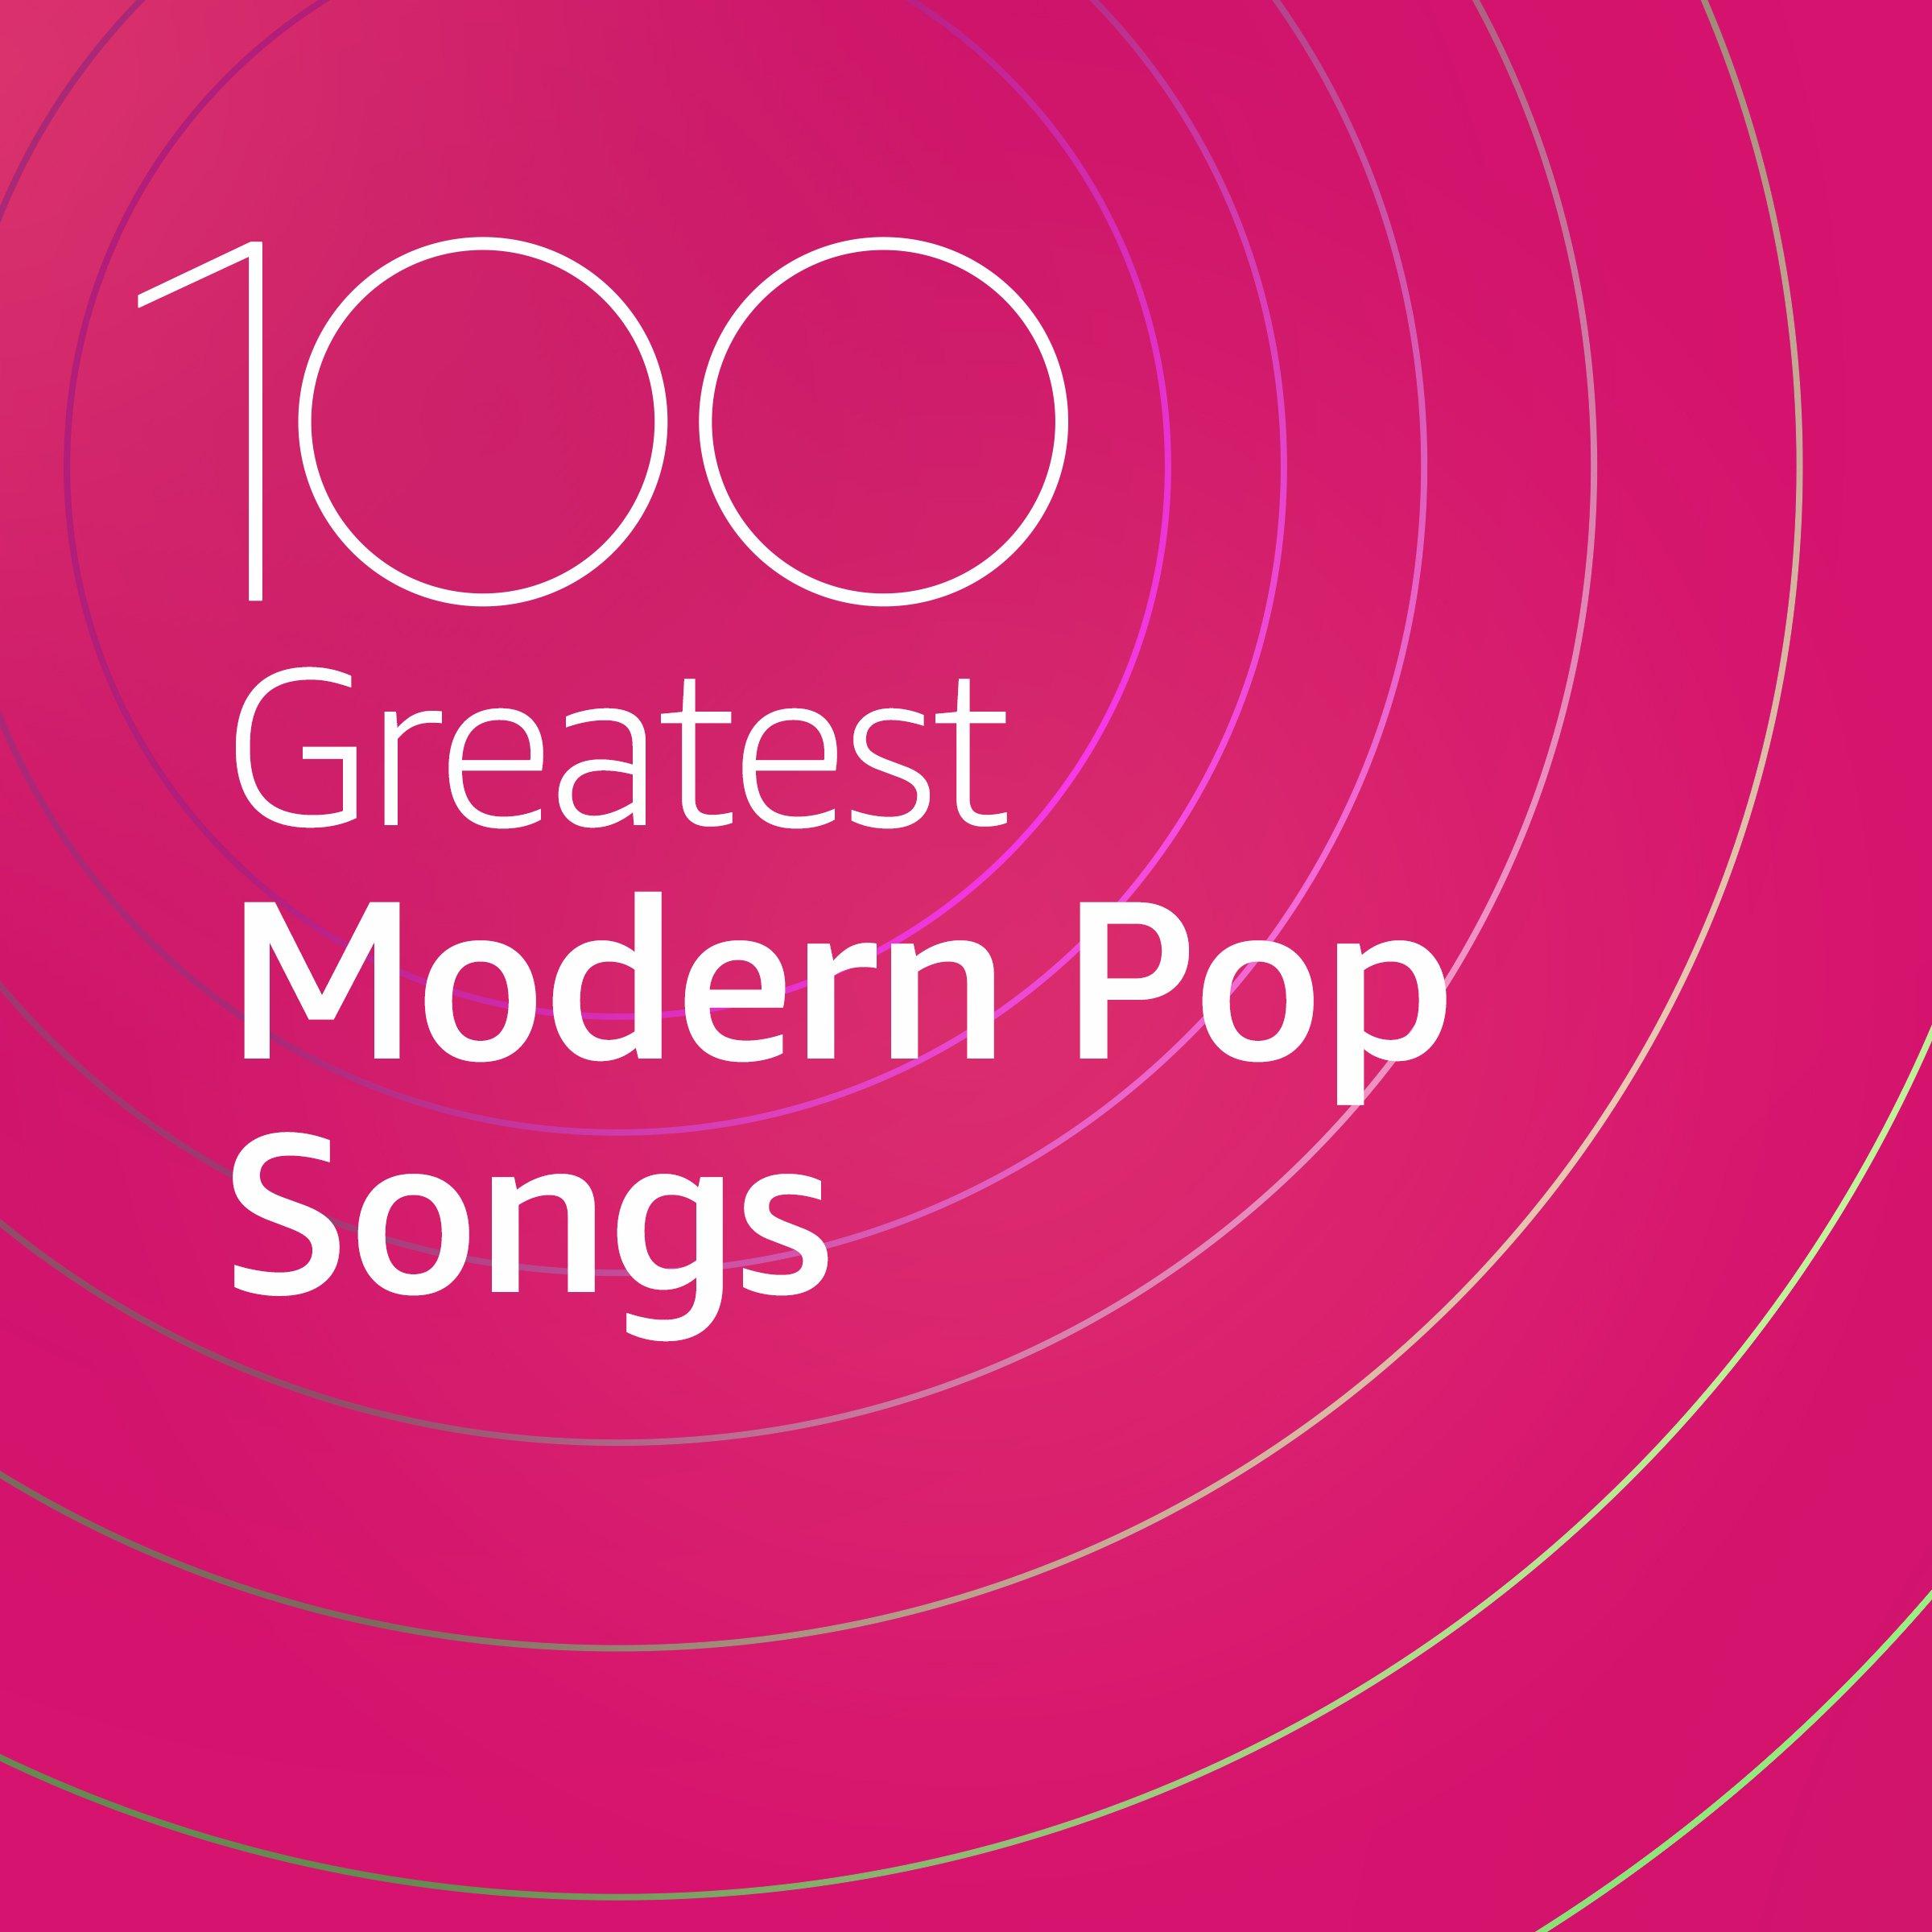 100 Greatest Modern Pop Songs